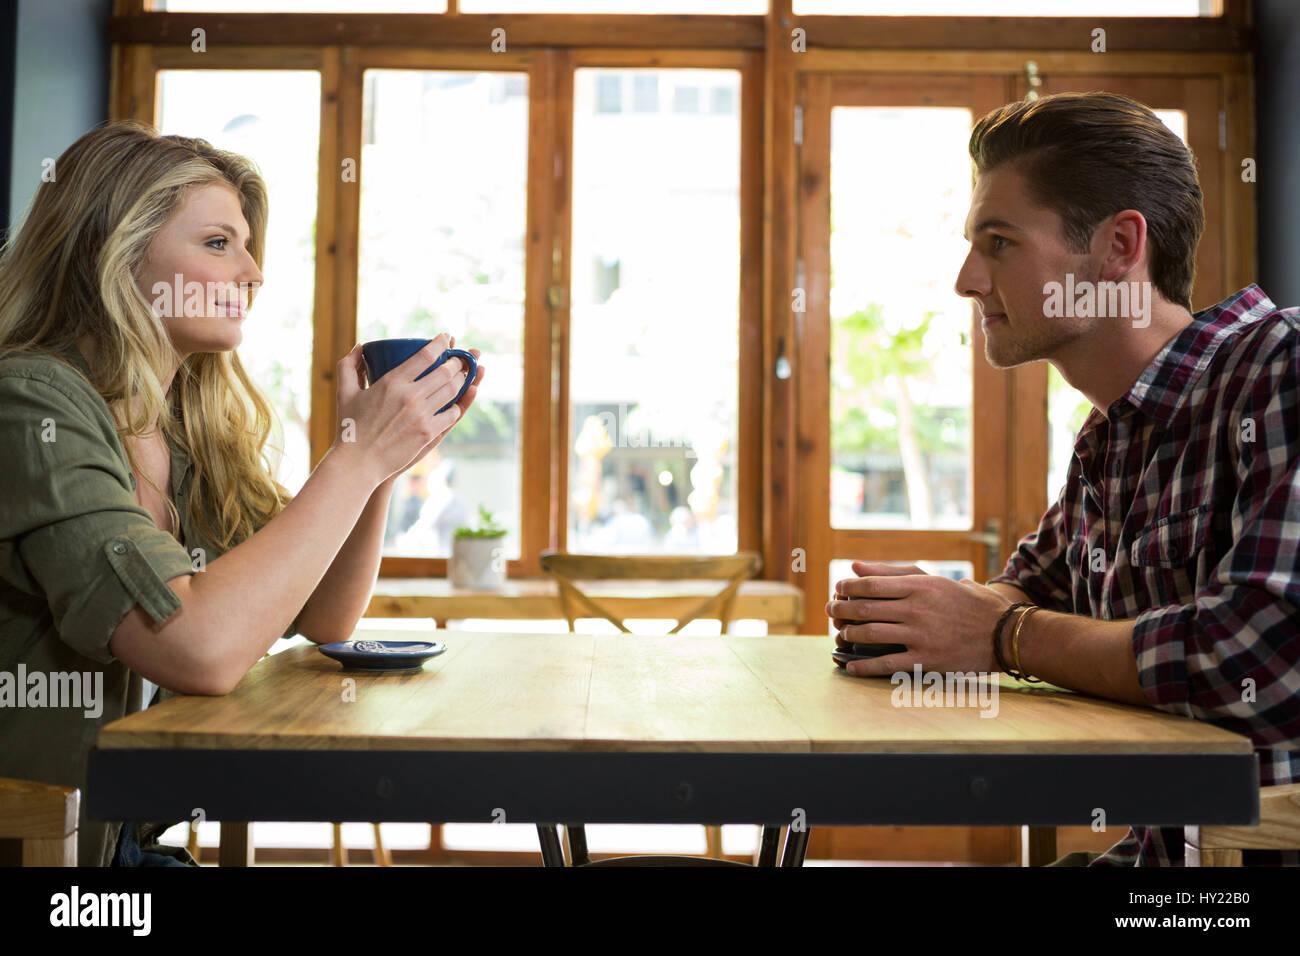 Vue de côté d'aimer young couple having coffee in cafeteria Banque D'Images